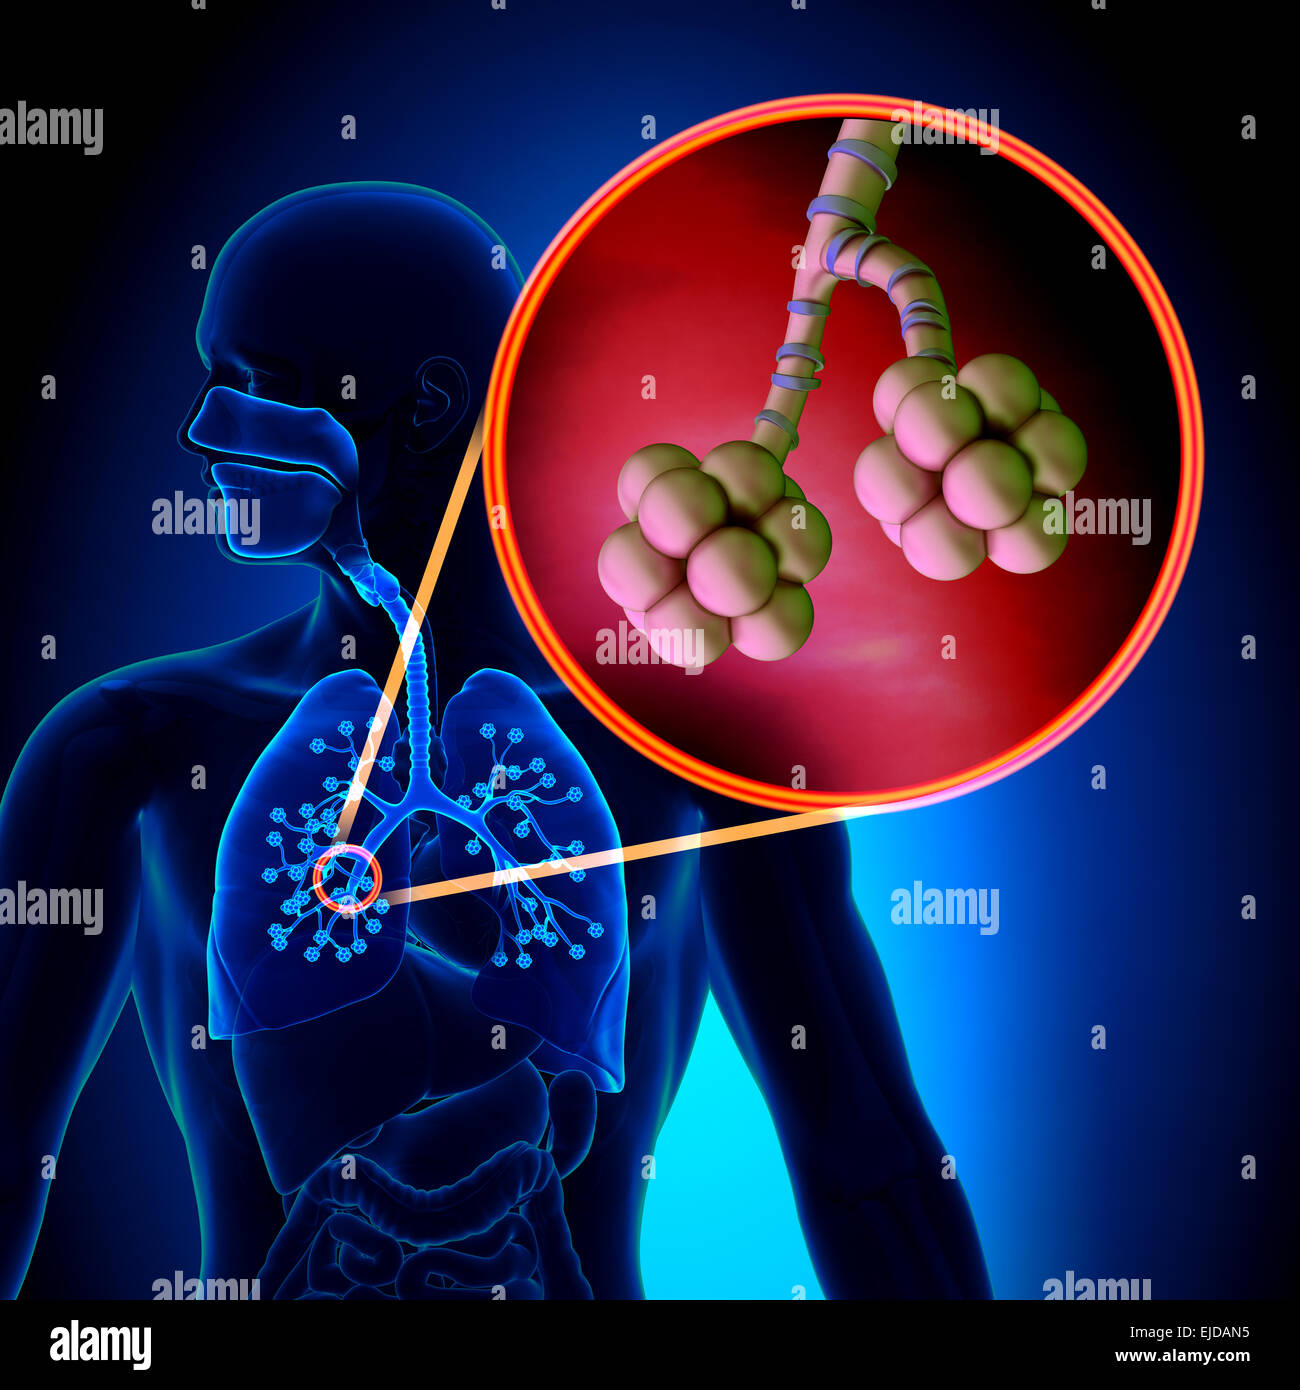 Los pulmones alvéolos - Anatomía del sistema respiratorio humano ...